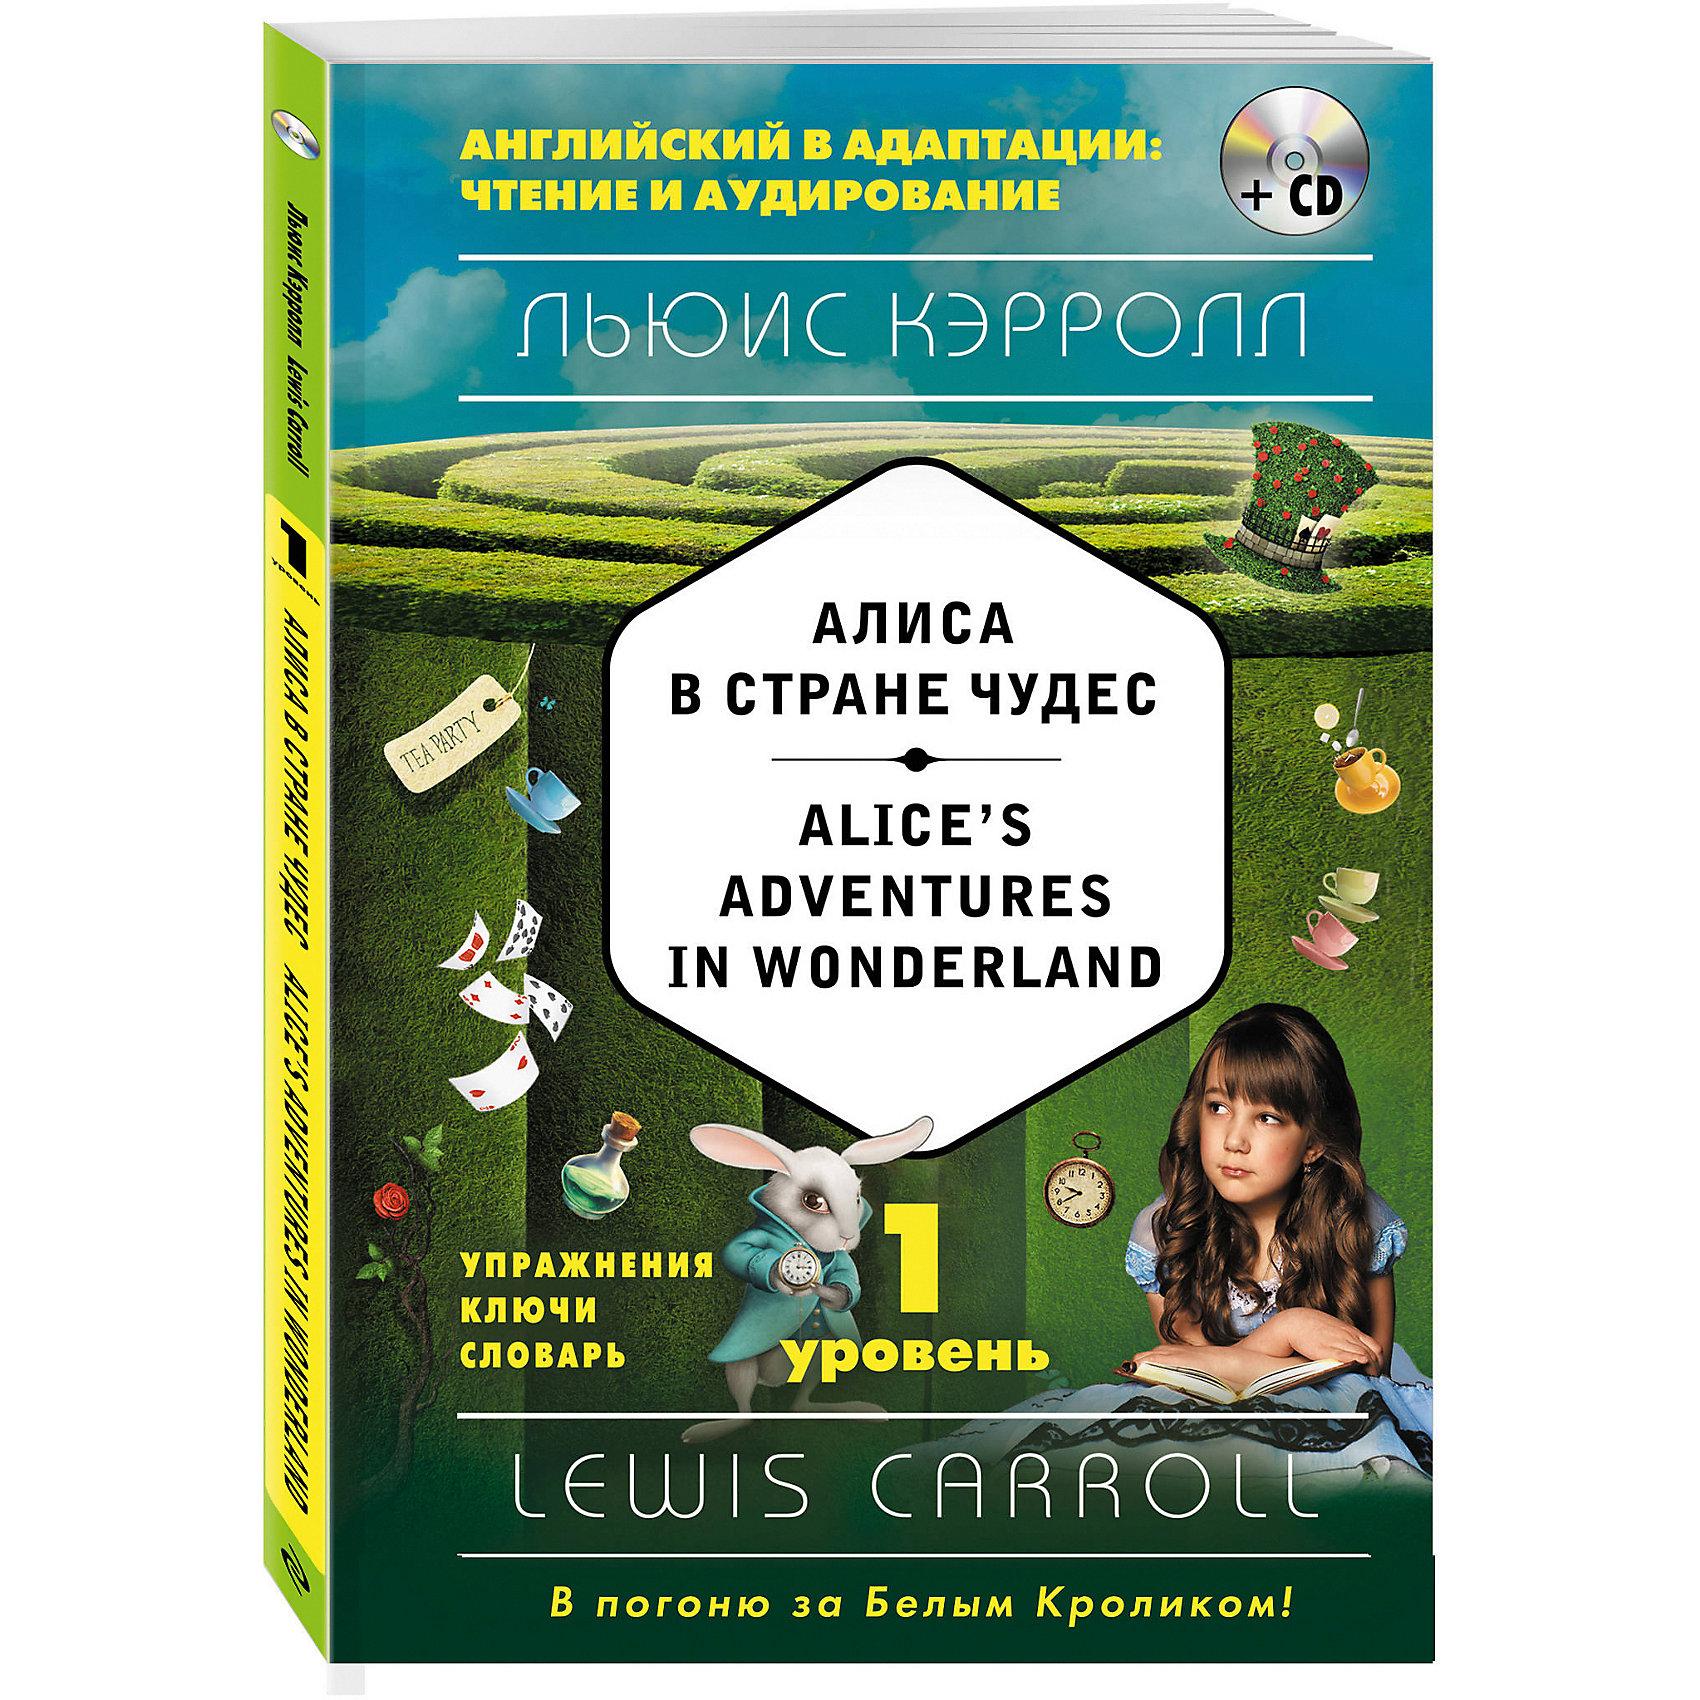 Алиса в Стране чудес + CD, 1-й уровеньИностранный язык<br>Алиса бежит за Белым Кроликом и проваливается в кроличью нору! С этого начинаются ее удивительные приключения. Теперь прочитать о них могут даже те, кто только начинает изучать английский. Они легко прочитают адаптированный текст, уследят за всеми превращениями Алисы и разберутся в игре слов.<br>Серия «Английский в адаптации: чтение и аудирование» – это тексты для начинающих, продолжающих и продвинутых. Теперь каждый изучающий английский может выбрать свой уровень и своих авторов и совершенствовать свой английский с лучшими произведениями англоязычной литературы! Читая и слушая текст на диске, а также выполняя упражнения на чтение, аудирование и новую лексику, читатели качественно улучшат свой английский. Они станут лучше воспринимать английскую речь на слух, и работа с текстами станет эффективнее. Аудиозапись начитана носителями языка.<br>Книга предназначена для изучающих английский язык на начальном уровне.<br><br>Ширина мм: 210<br>Глубина мм: 140<br>Высота мм: 10<br>Вес г: 139<br>Возраст от месяцев: 144<br>Возраст до месяцев: 192<br>Пол: Унисекс<br>Возраст: Детский<br>SKU: 6878165